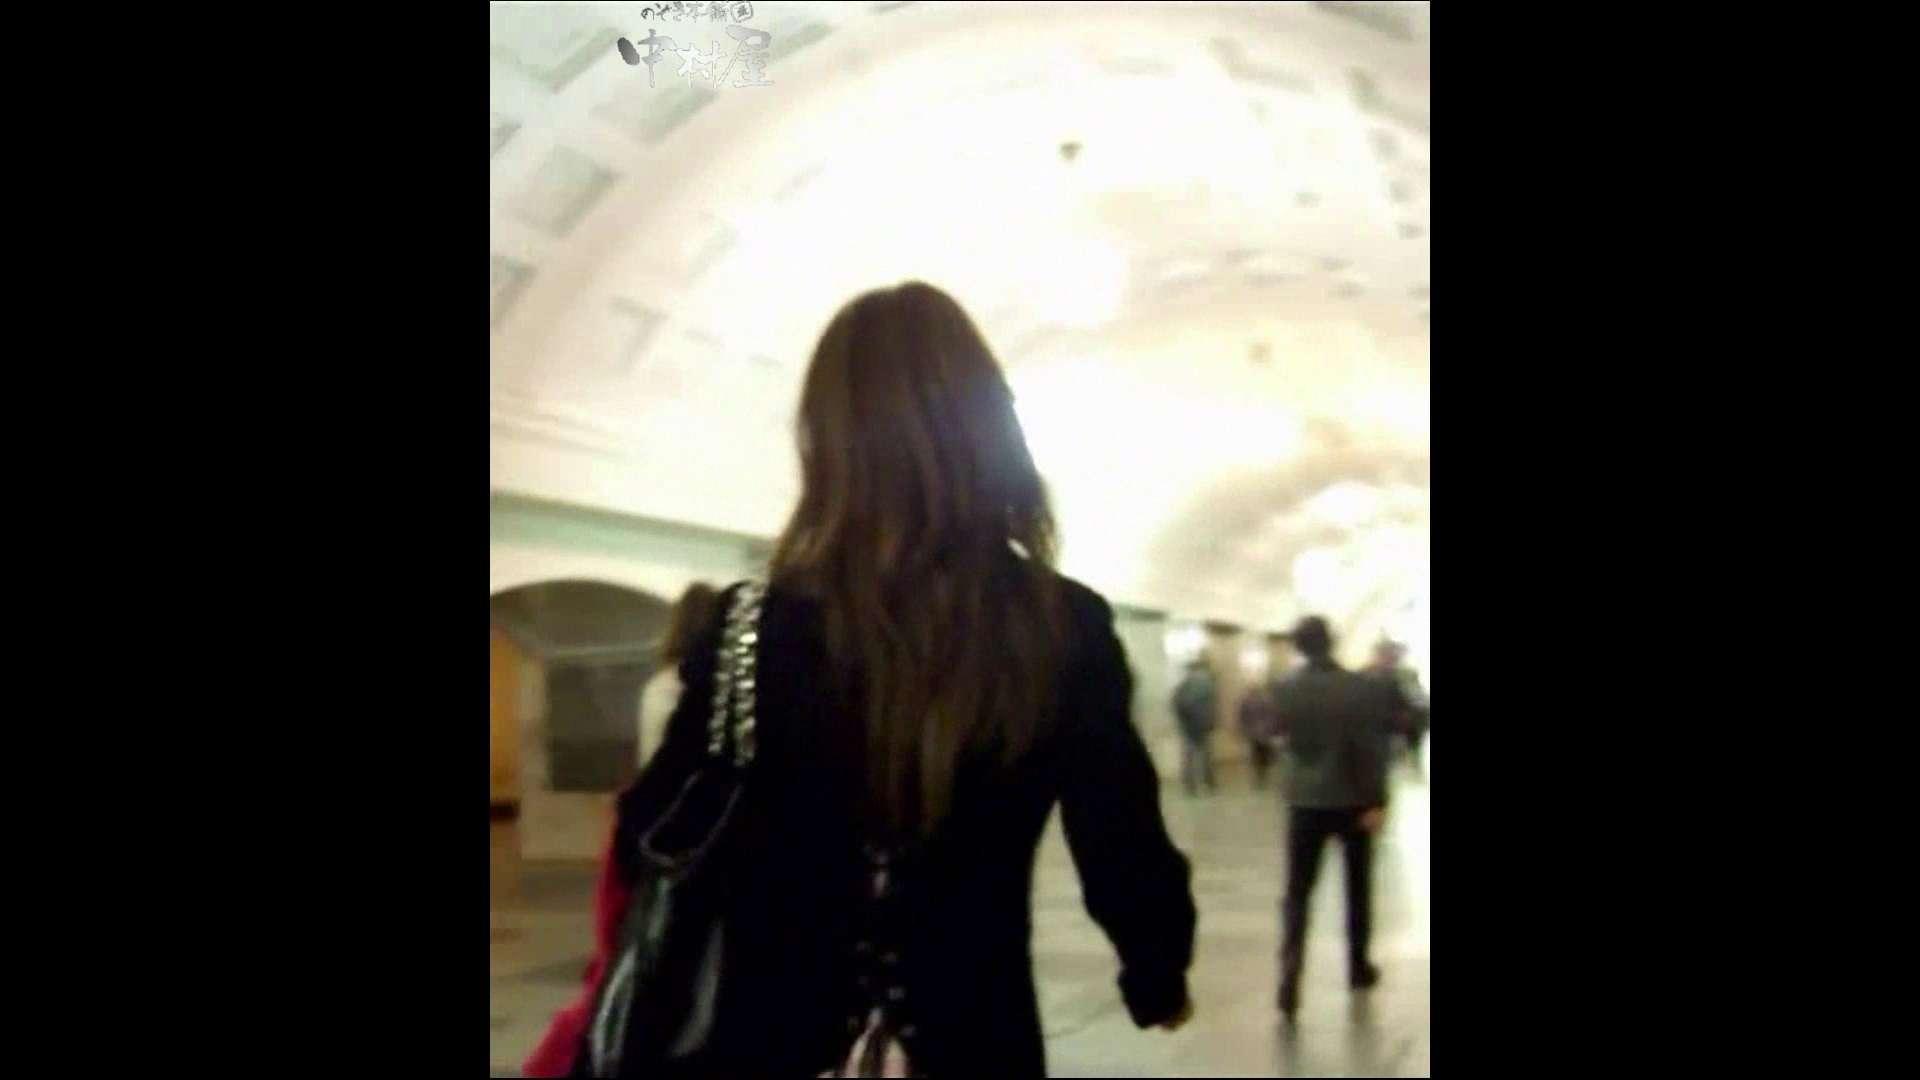 綺麗なモデルさんのスカート捲っちゃおう‼ vol20 お姉さんのエロ動画 | 0  83PIX 47